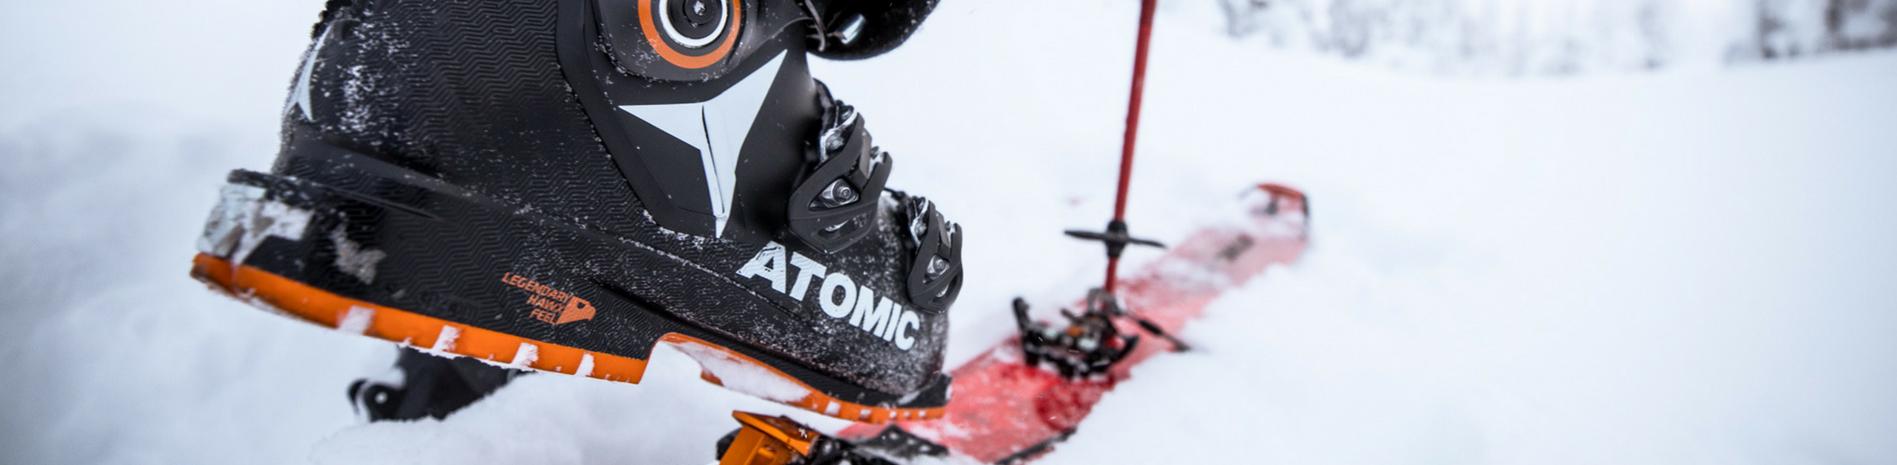 Skialp: časť druhá, skialpové lyžiarky